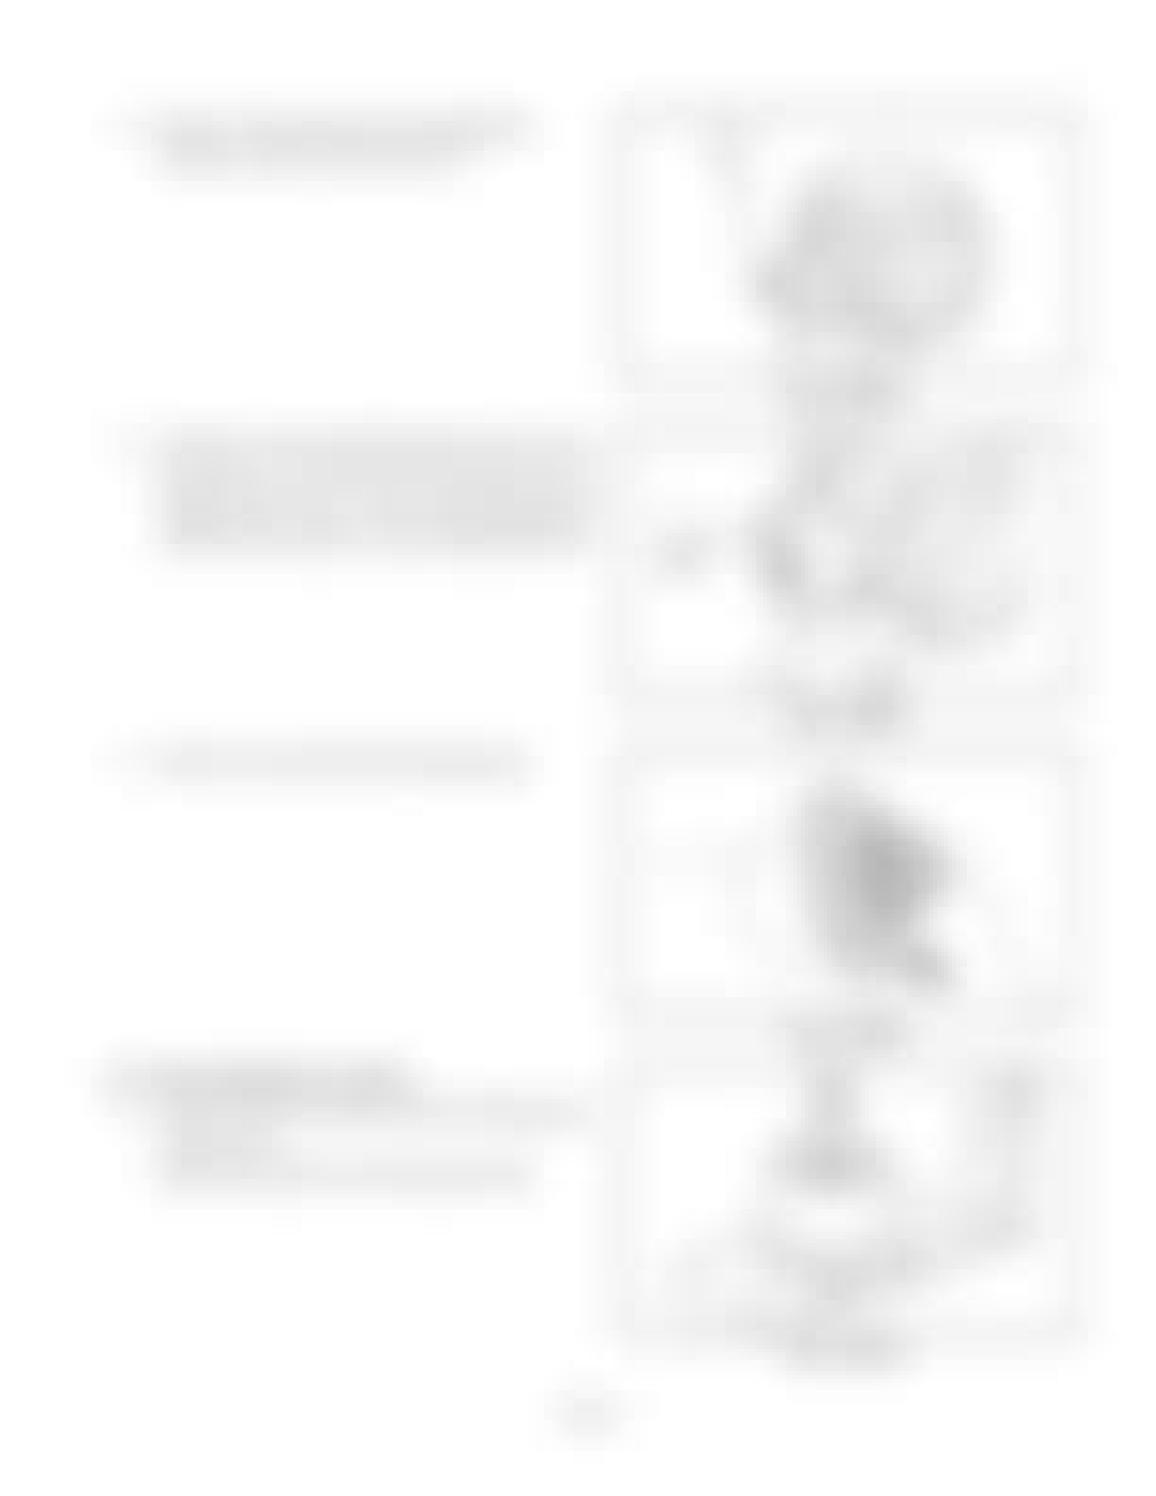 Hitachi LX110-7 LX130-7 LX160-7 LX190-7 LX230-7 Wheel Loader Workshop Manual - PDF DOWNLOAD page 193